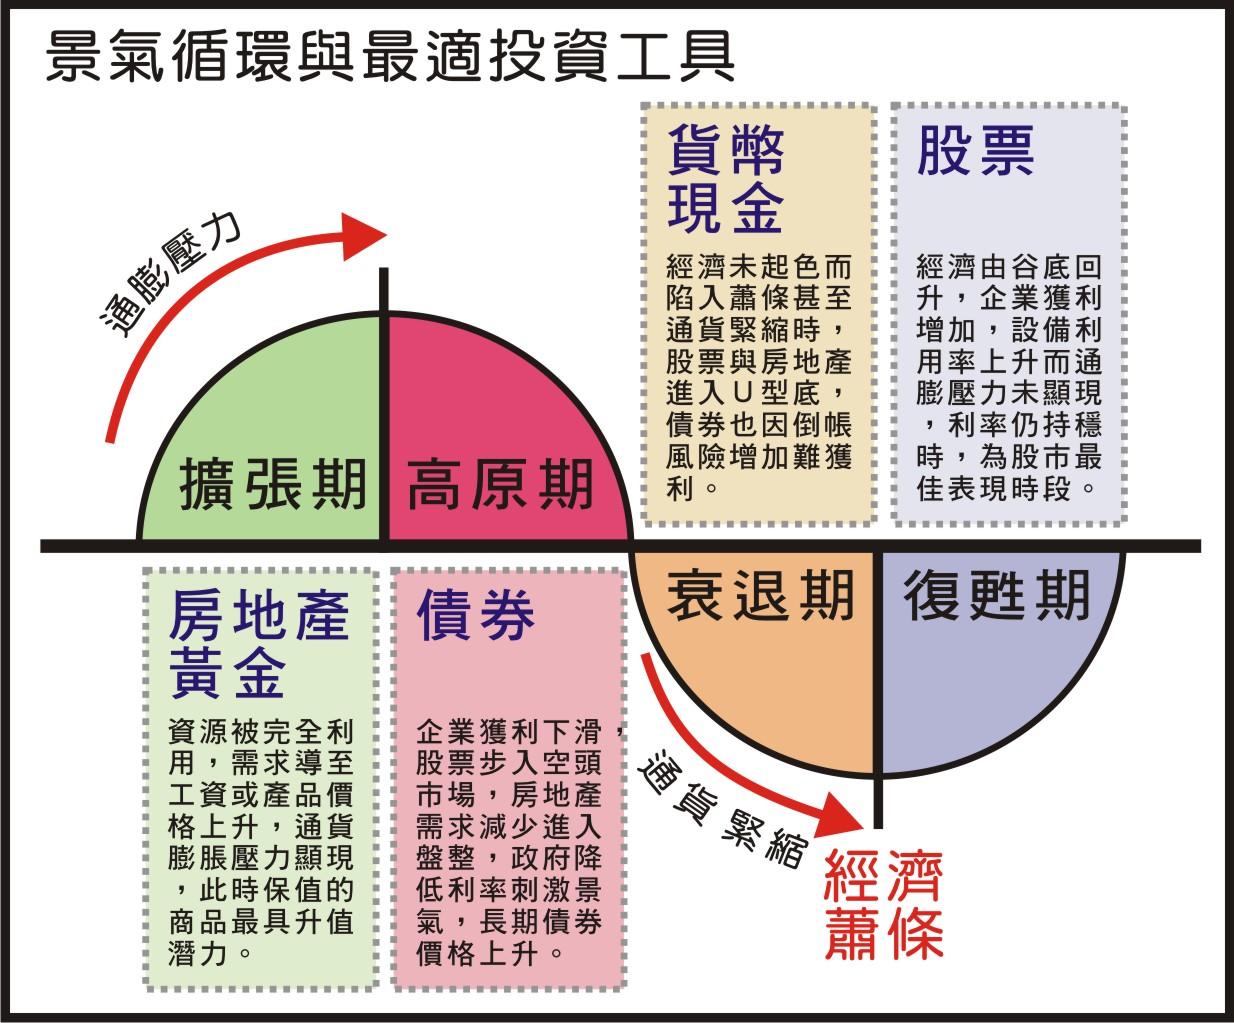 經濟景氣循環圖